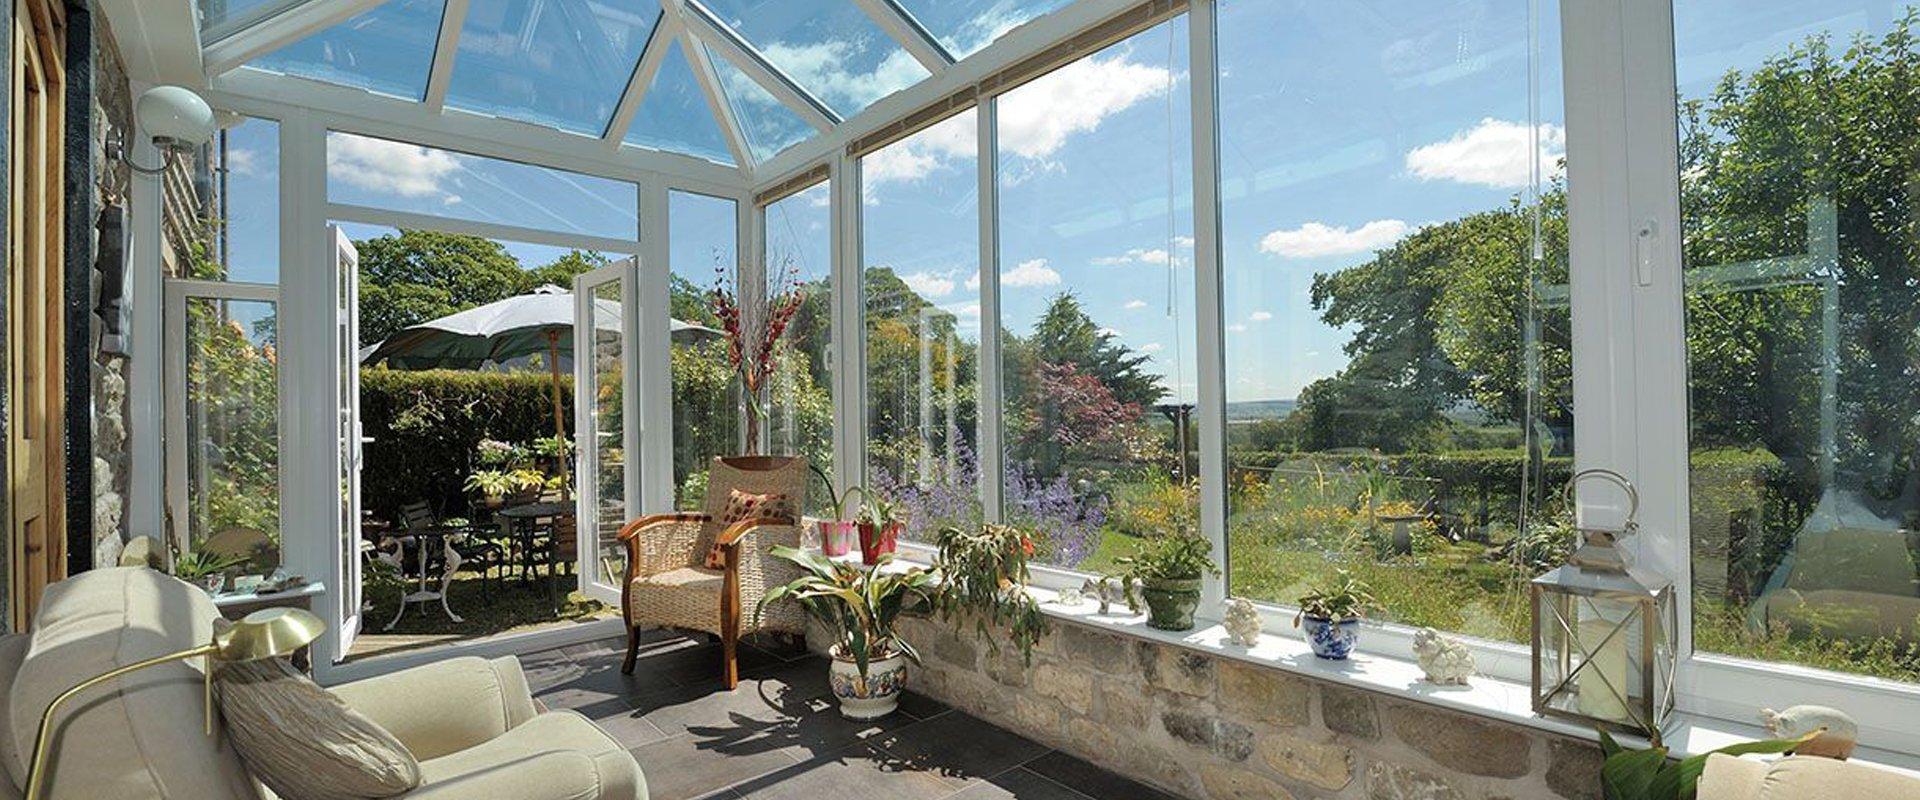 Full-length glass windows